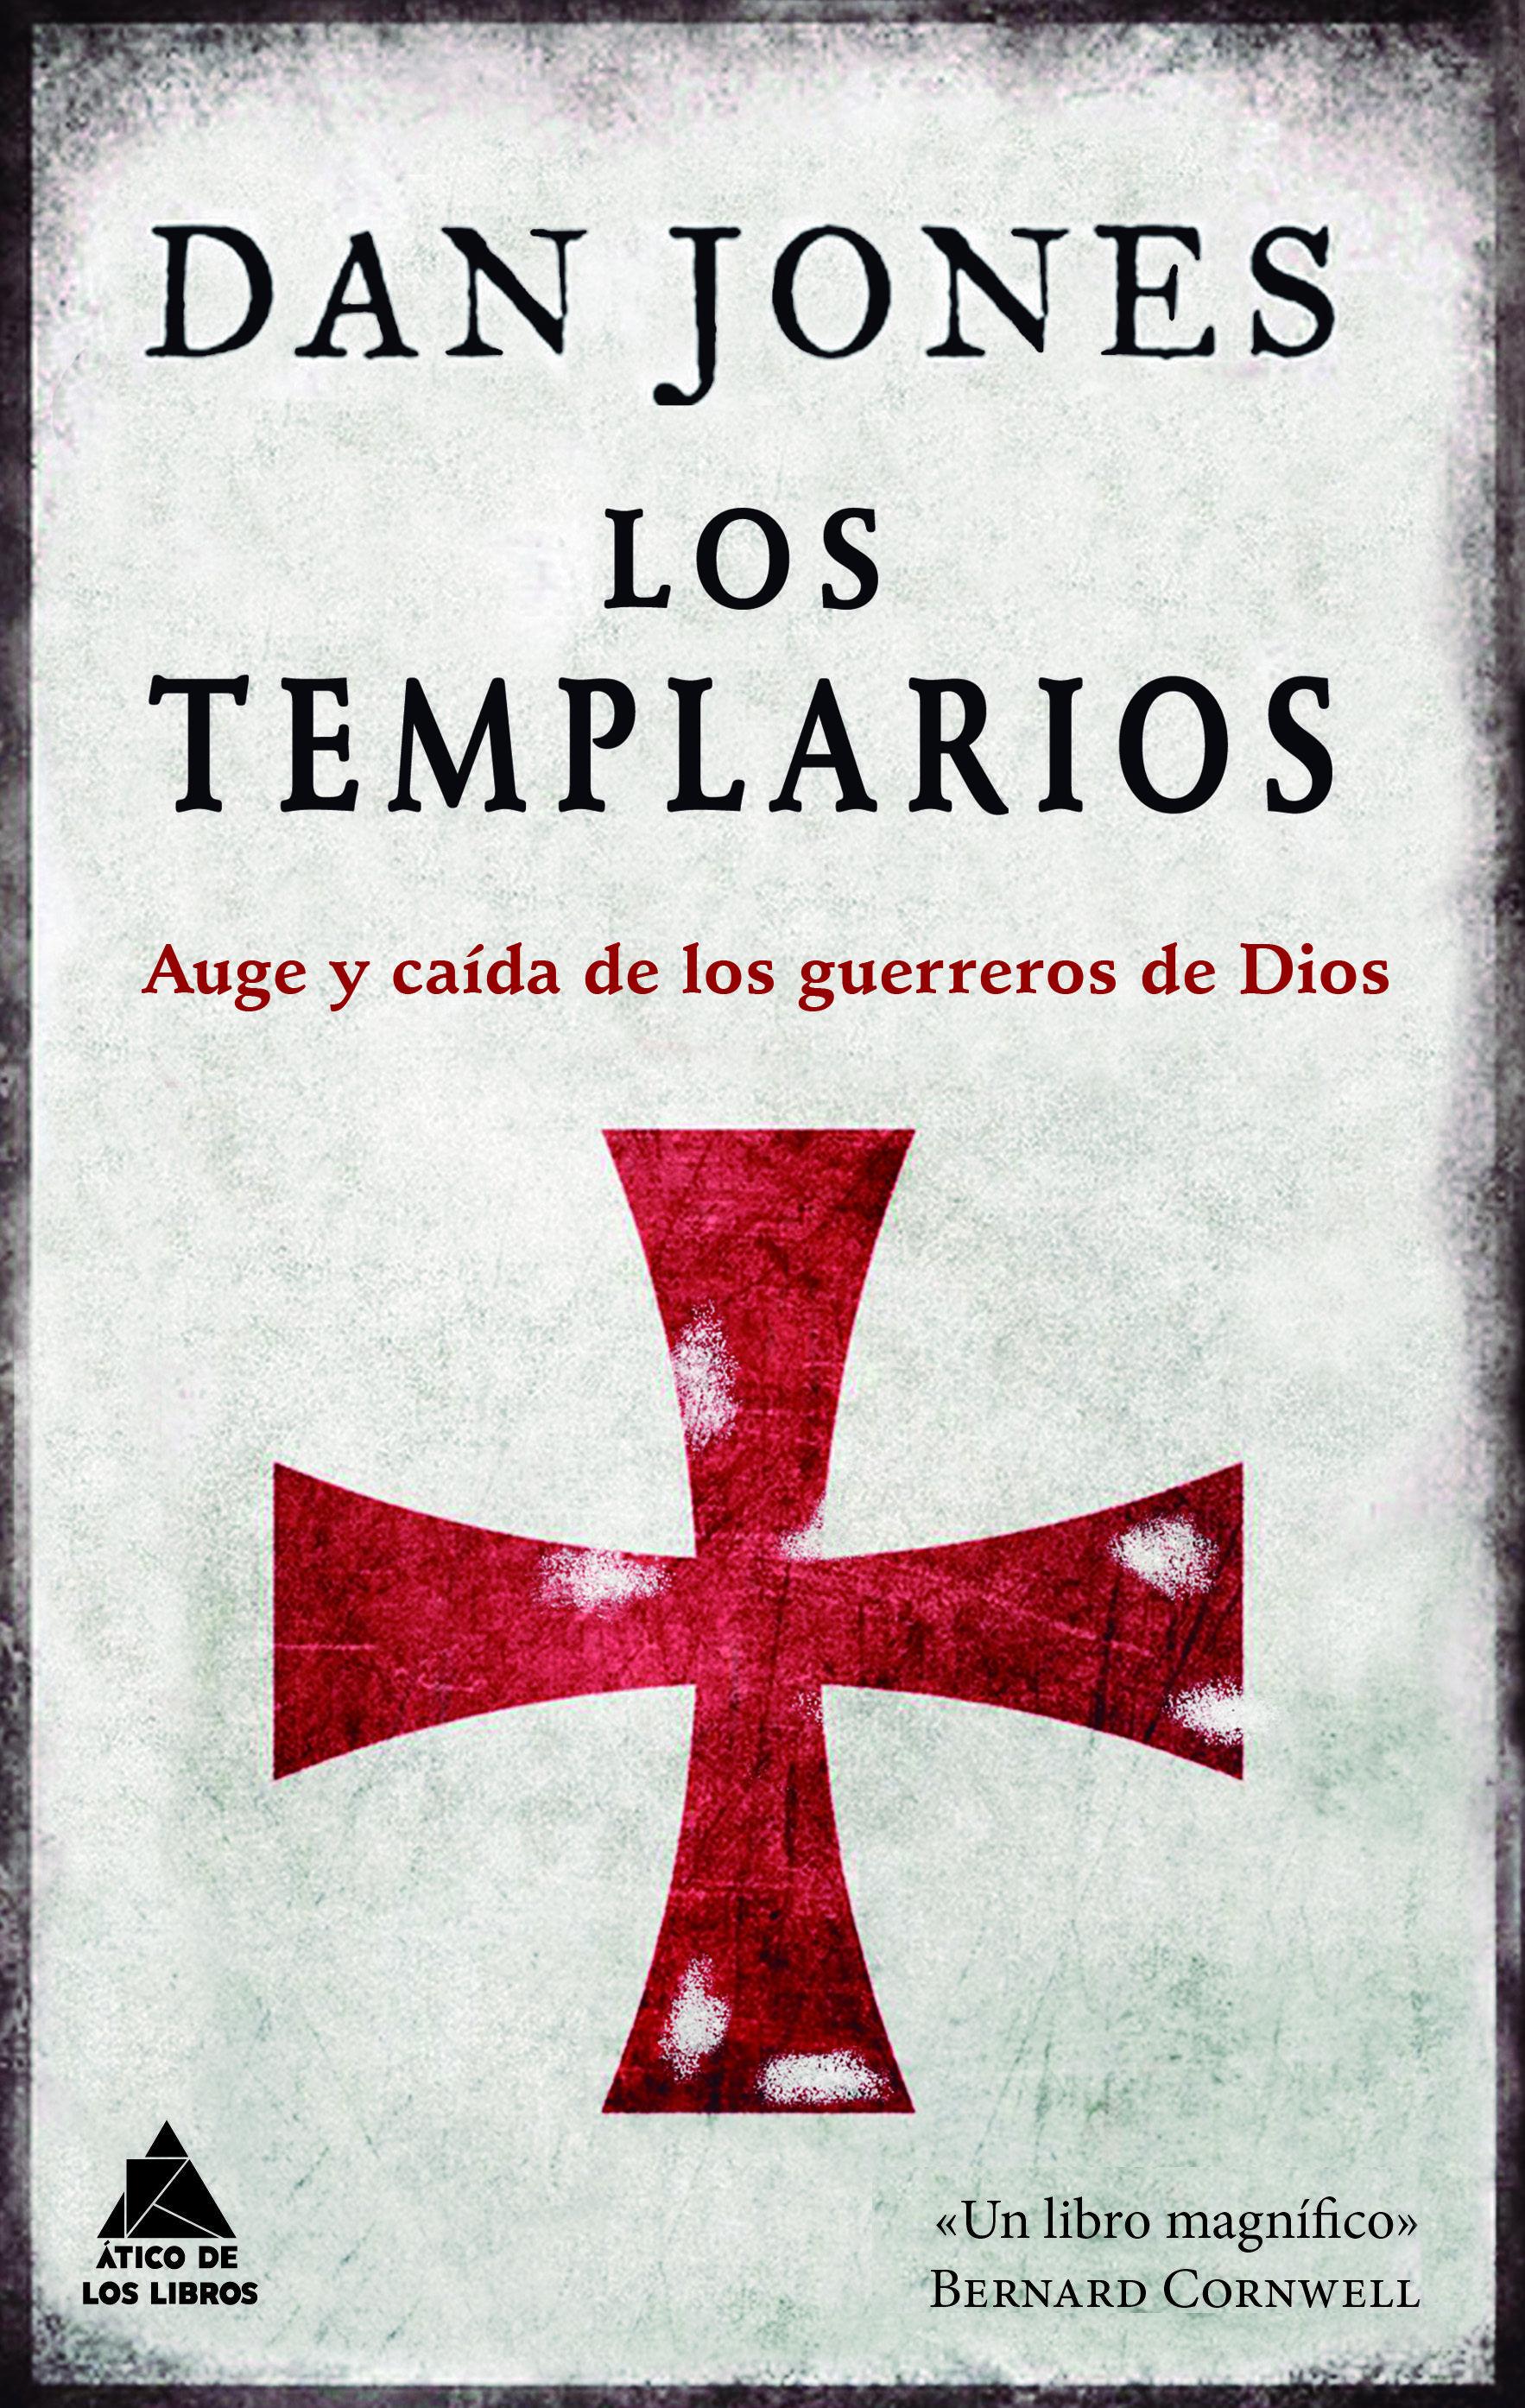 Los Templarios Auge Y Caída De Los Guerreros De Dios Dan Jones Aborda La Trepidante Historia De La Orden Del Orden Del Temple Templarios Libros Historicos